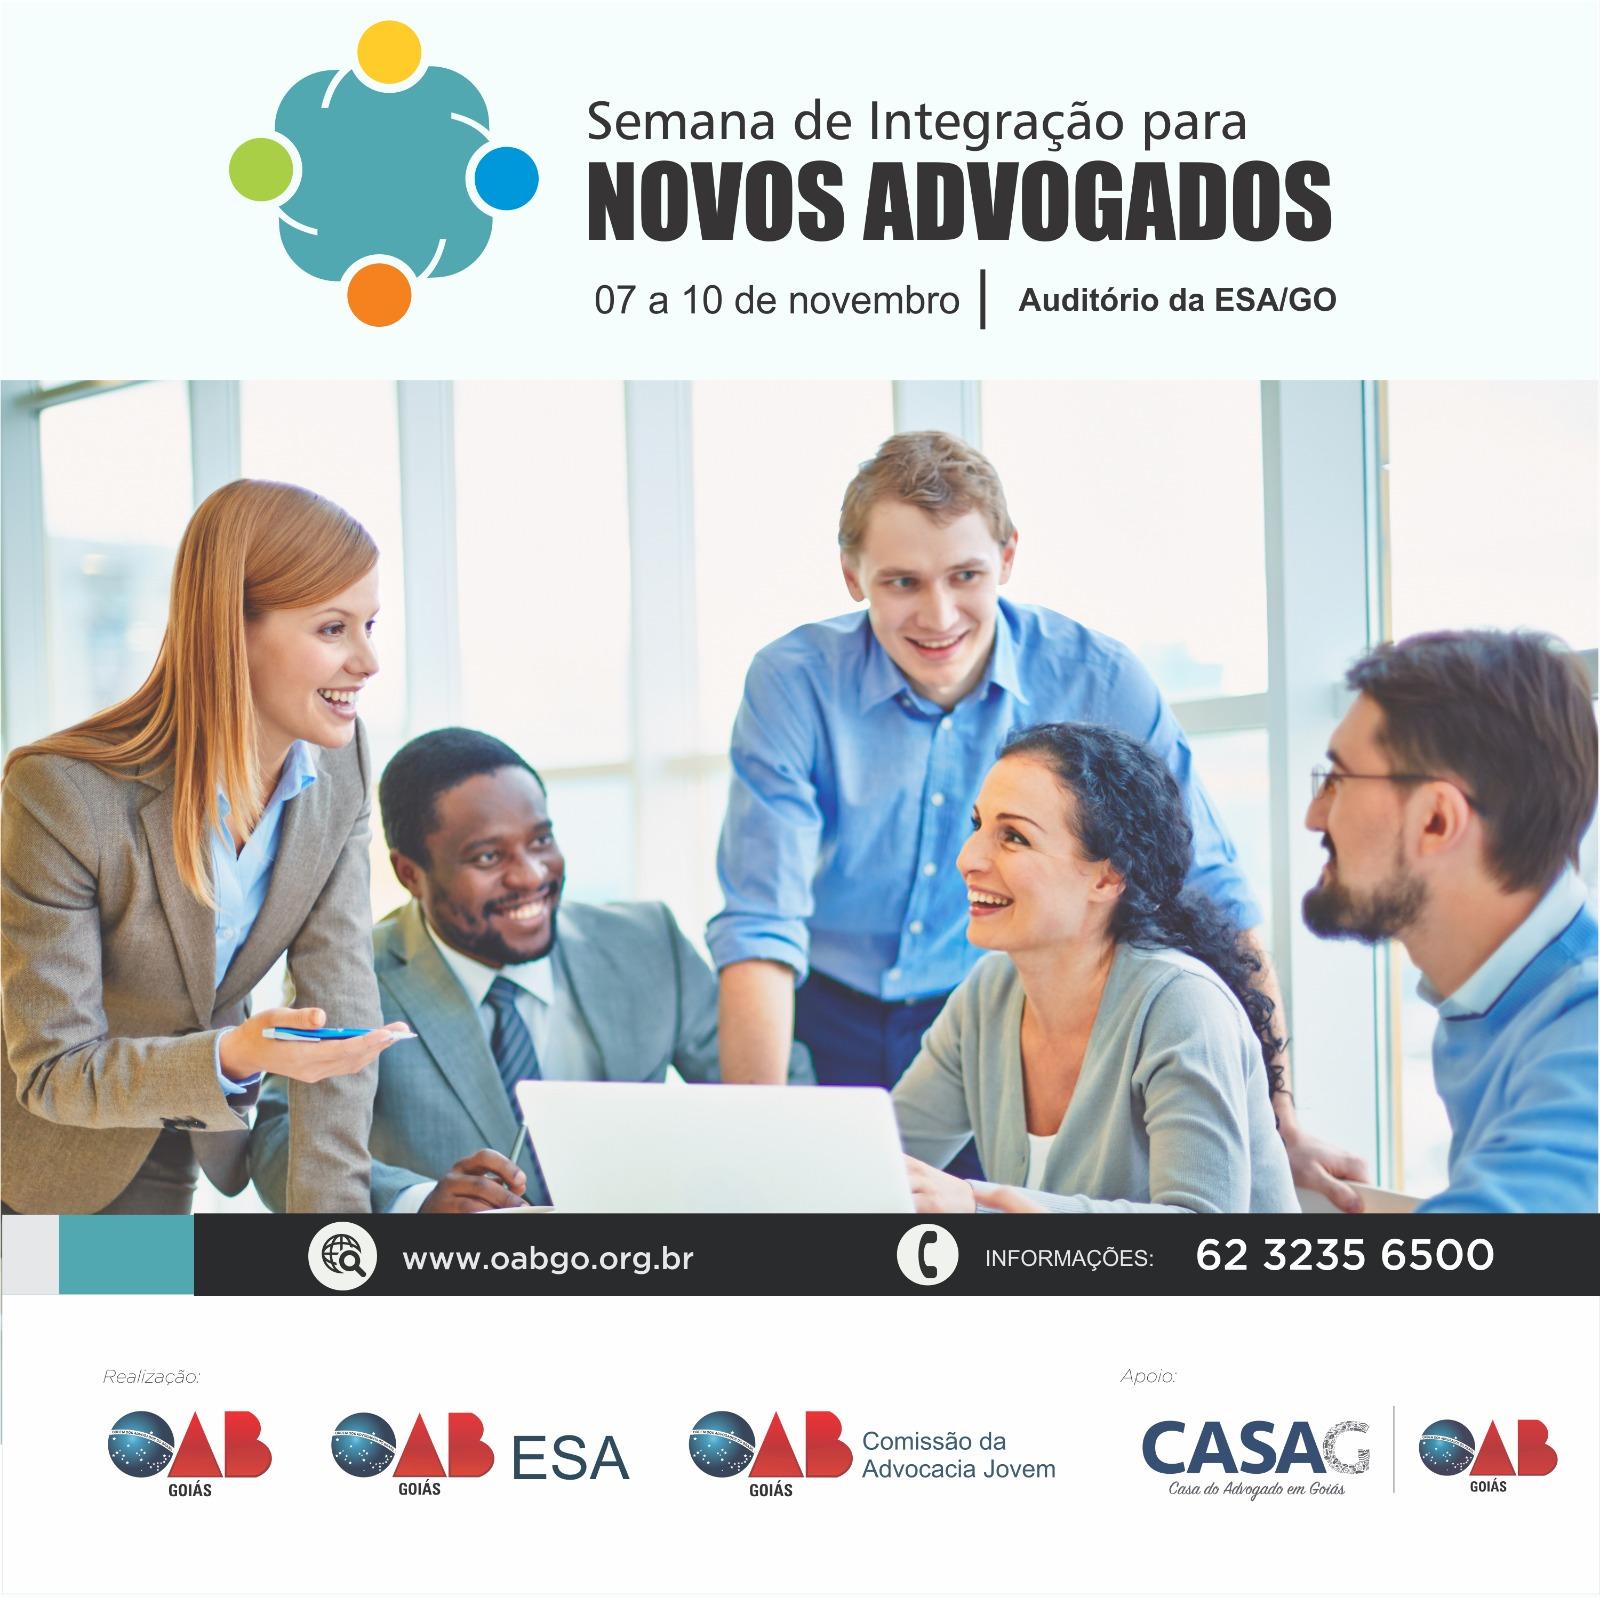 07 a 10/11 - Semana de Integração para Novos Advogados